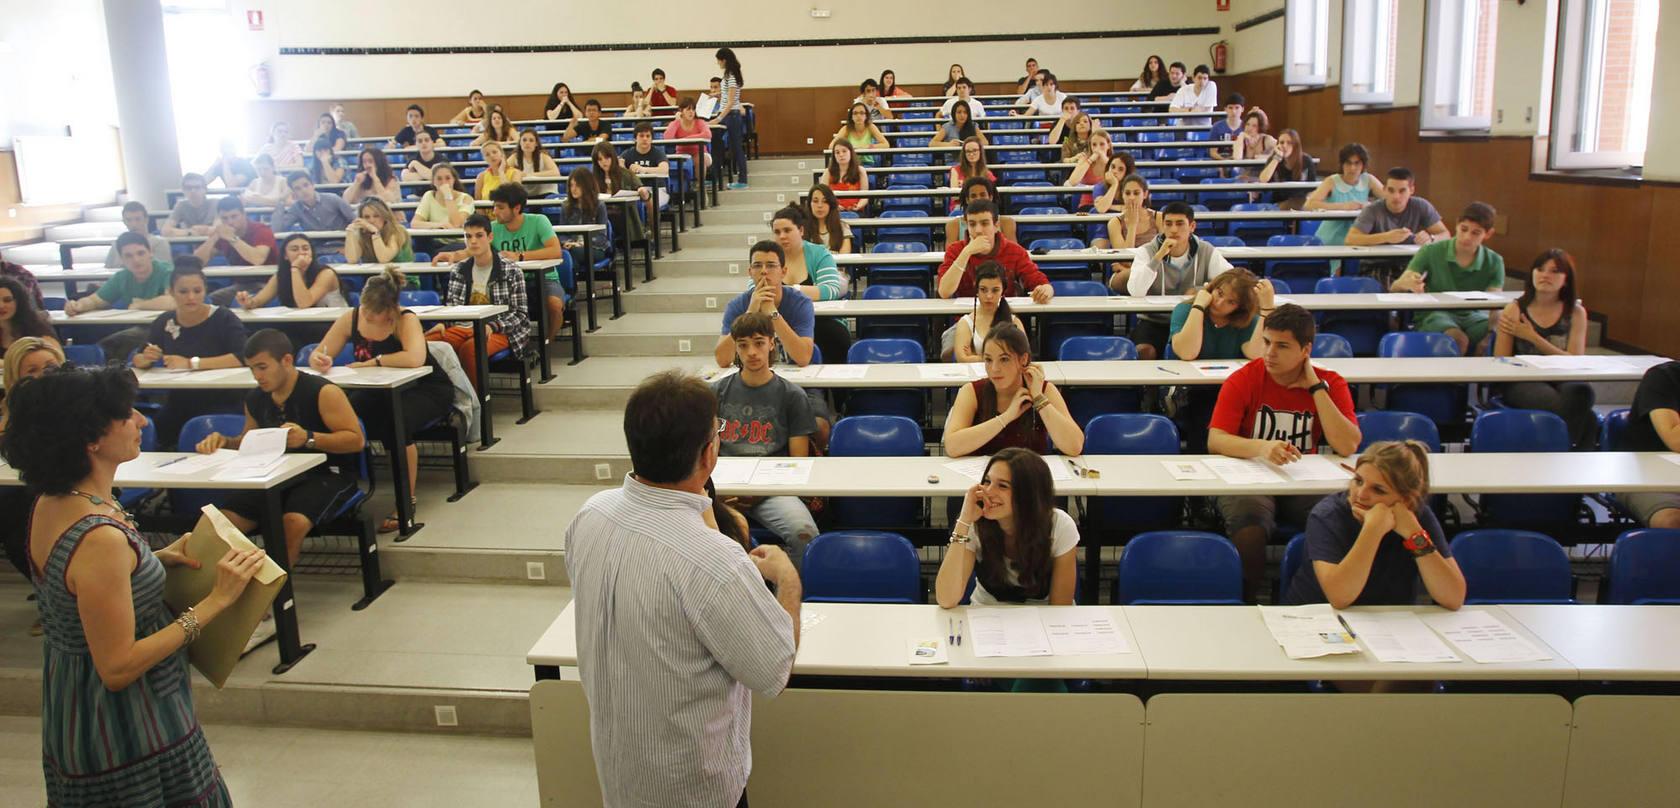 Selectividad julio 2013 en la Universidad de La Rioja